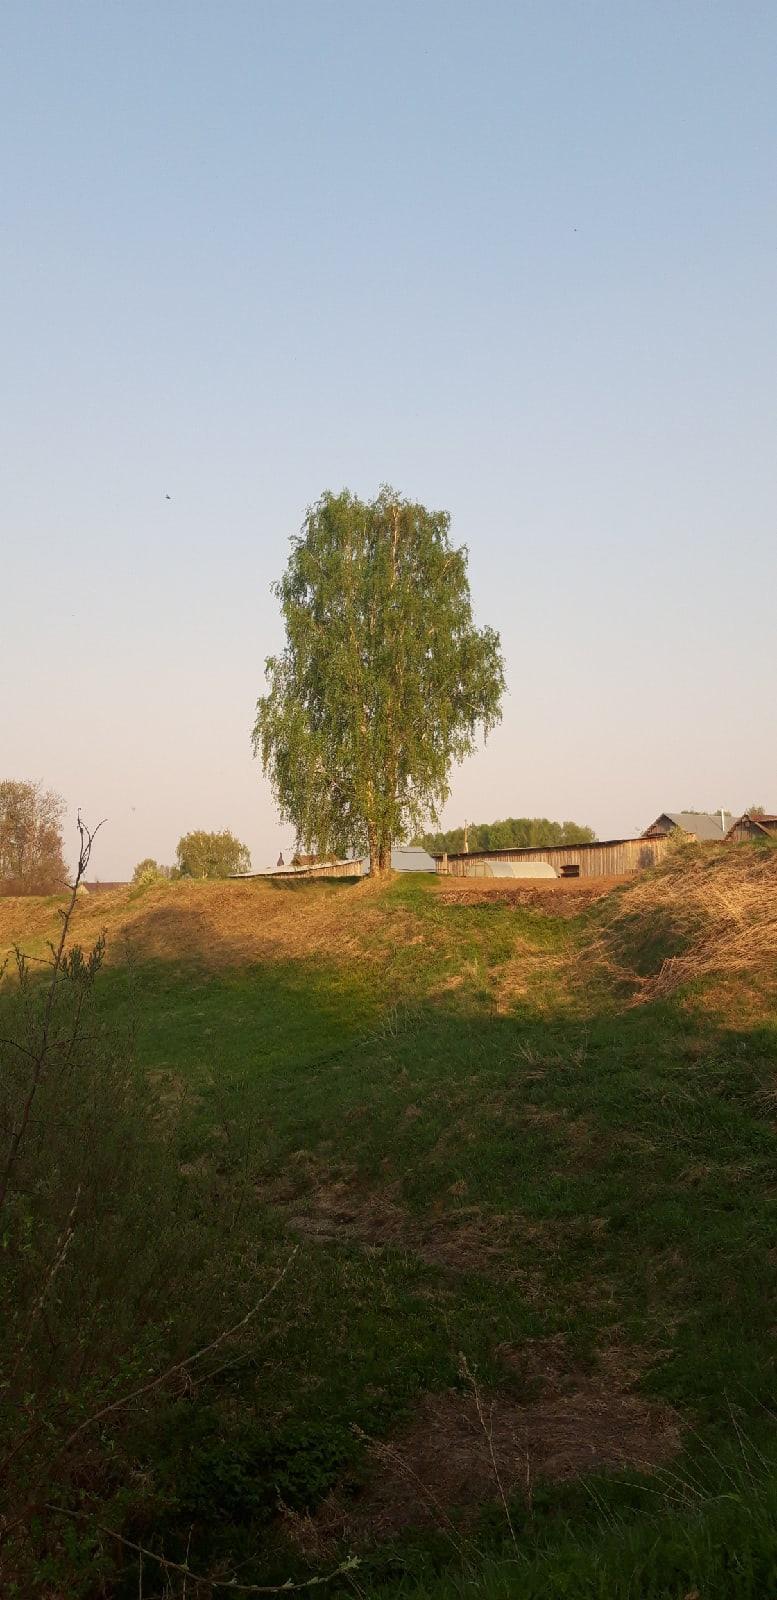 🌳Виды села Большая Кибья📸Эльвира Волкова#Природа_Родного_Можгинского_района #Можгинскийрайон #Красоты_Можгинского_района